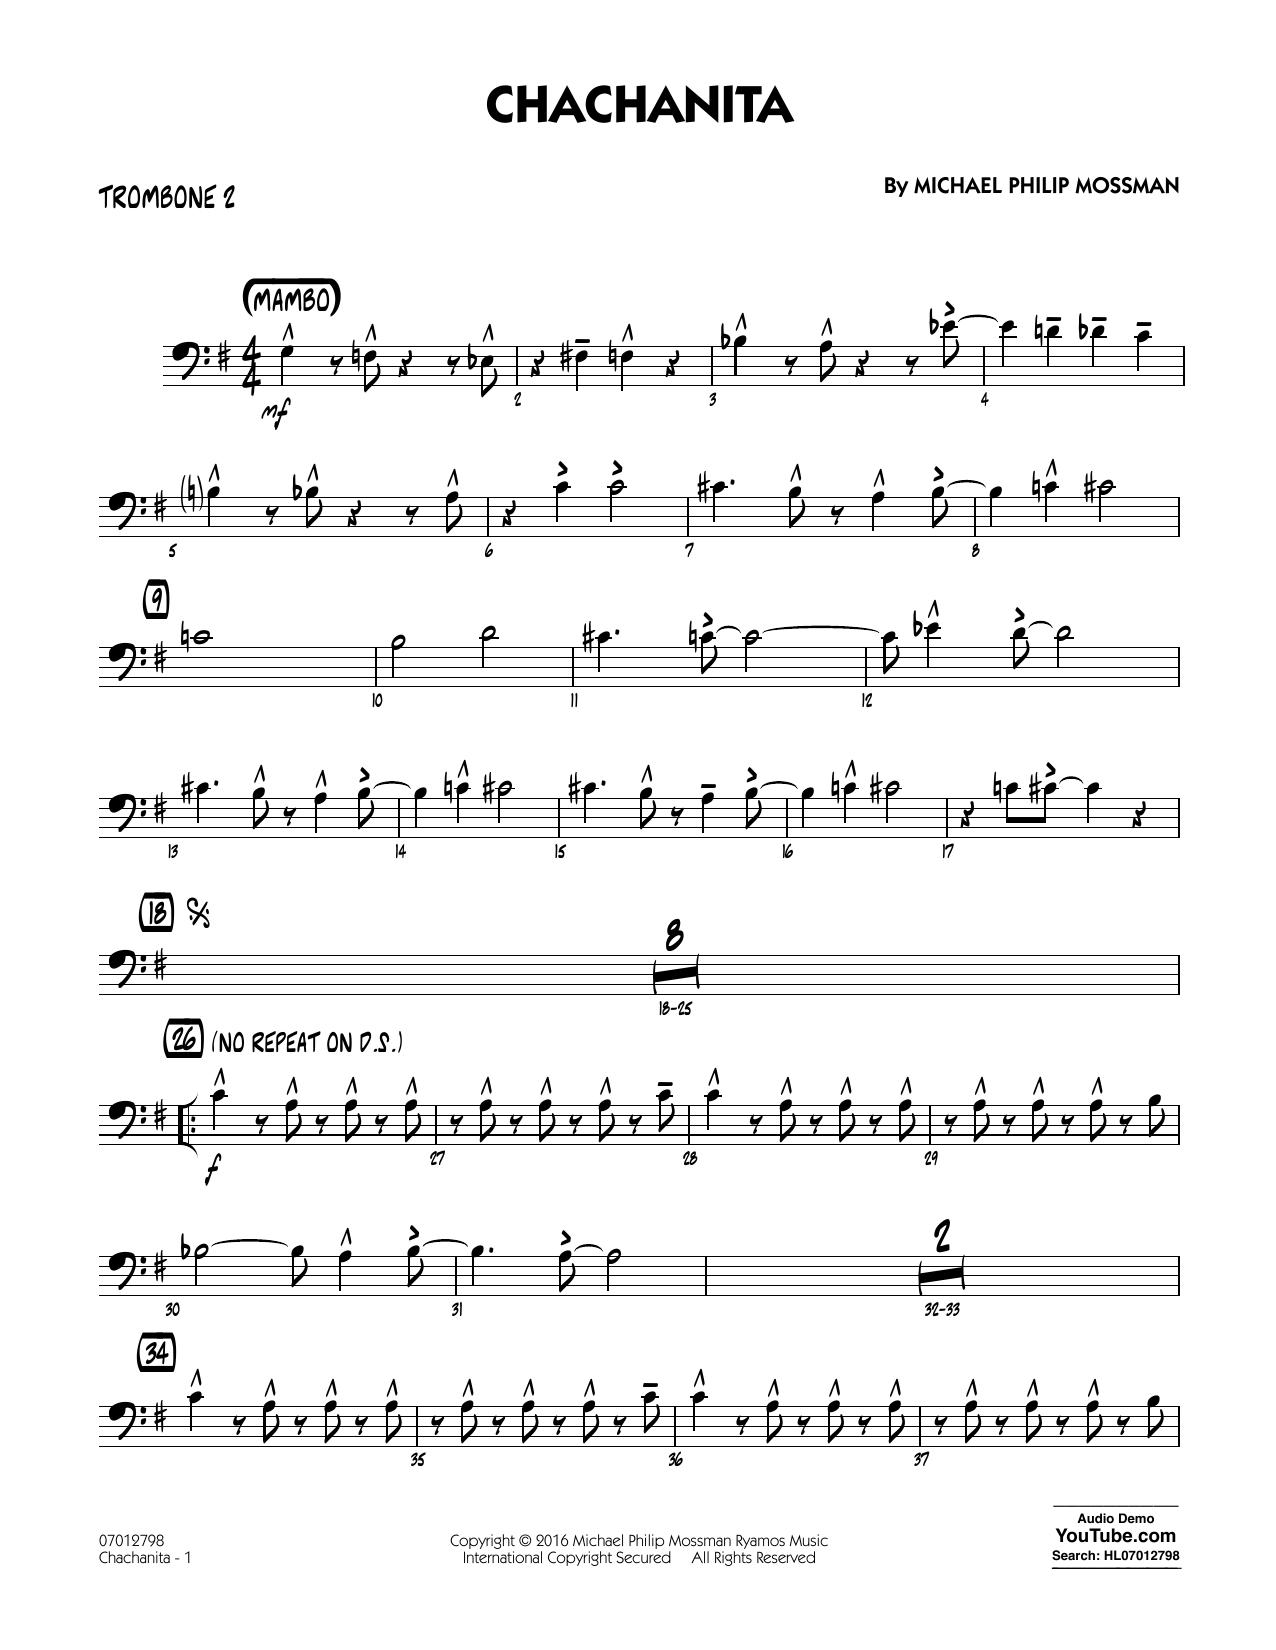 Chachanita - Trombone 2